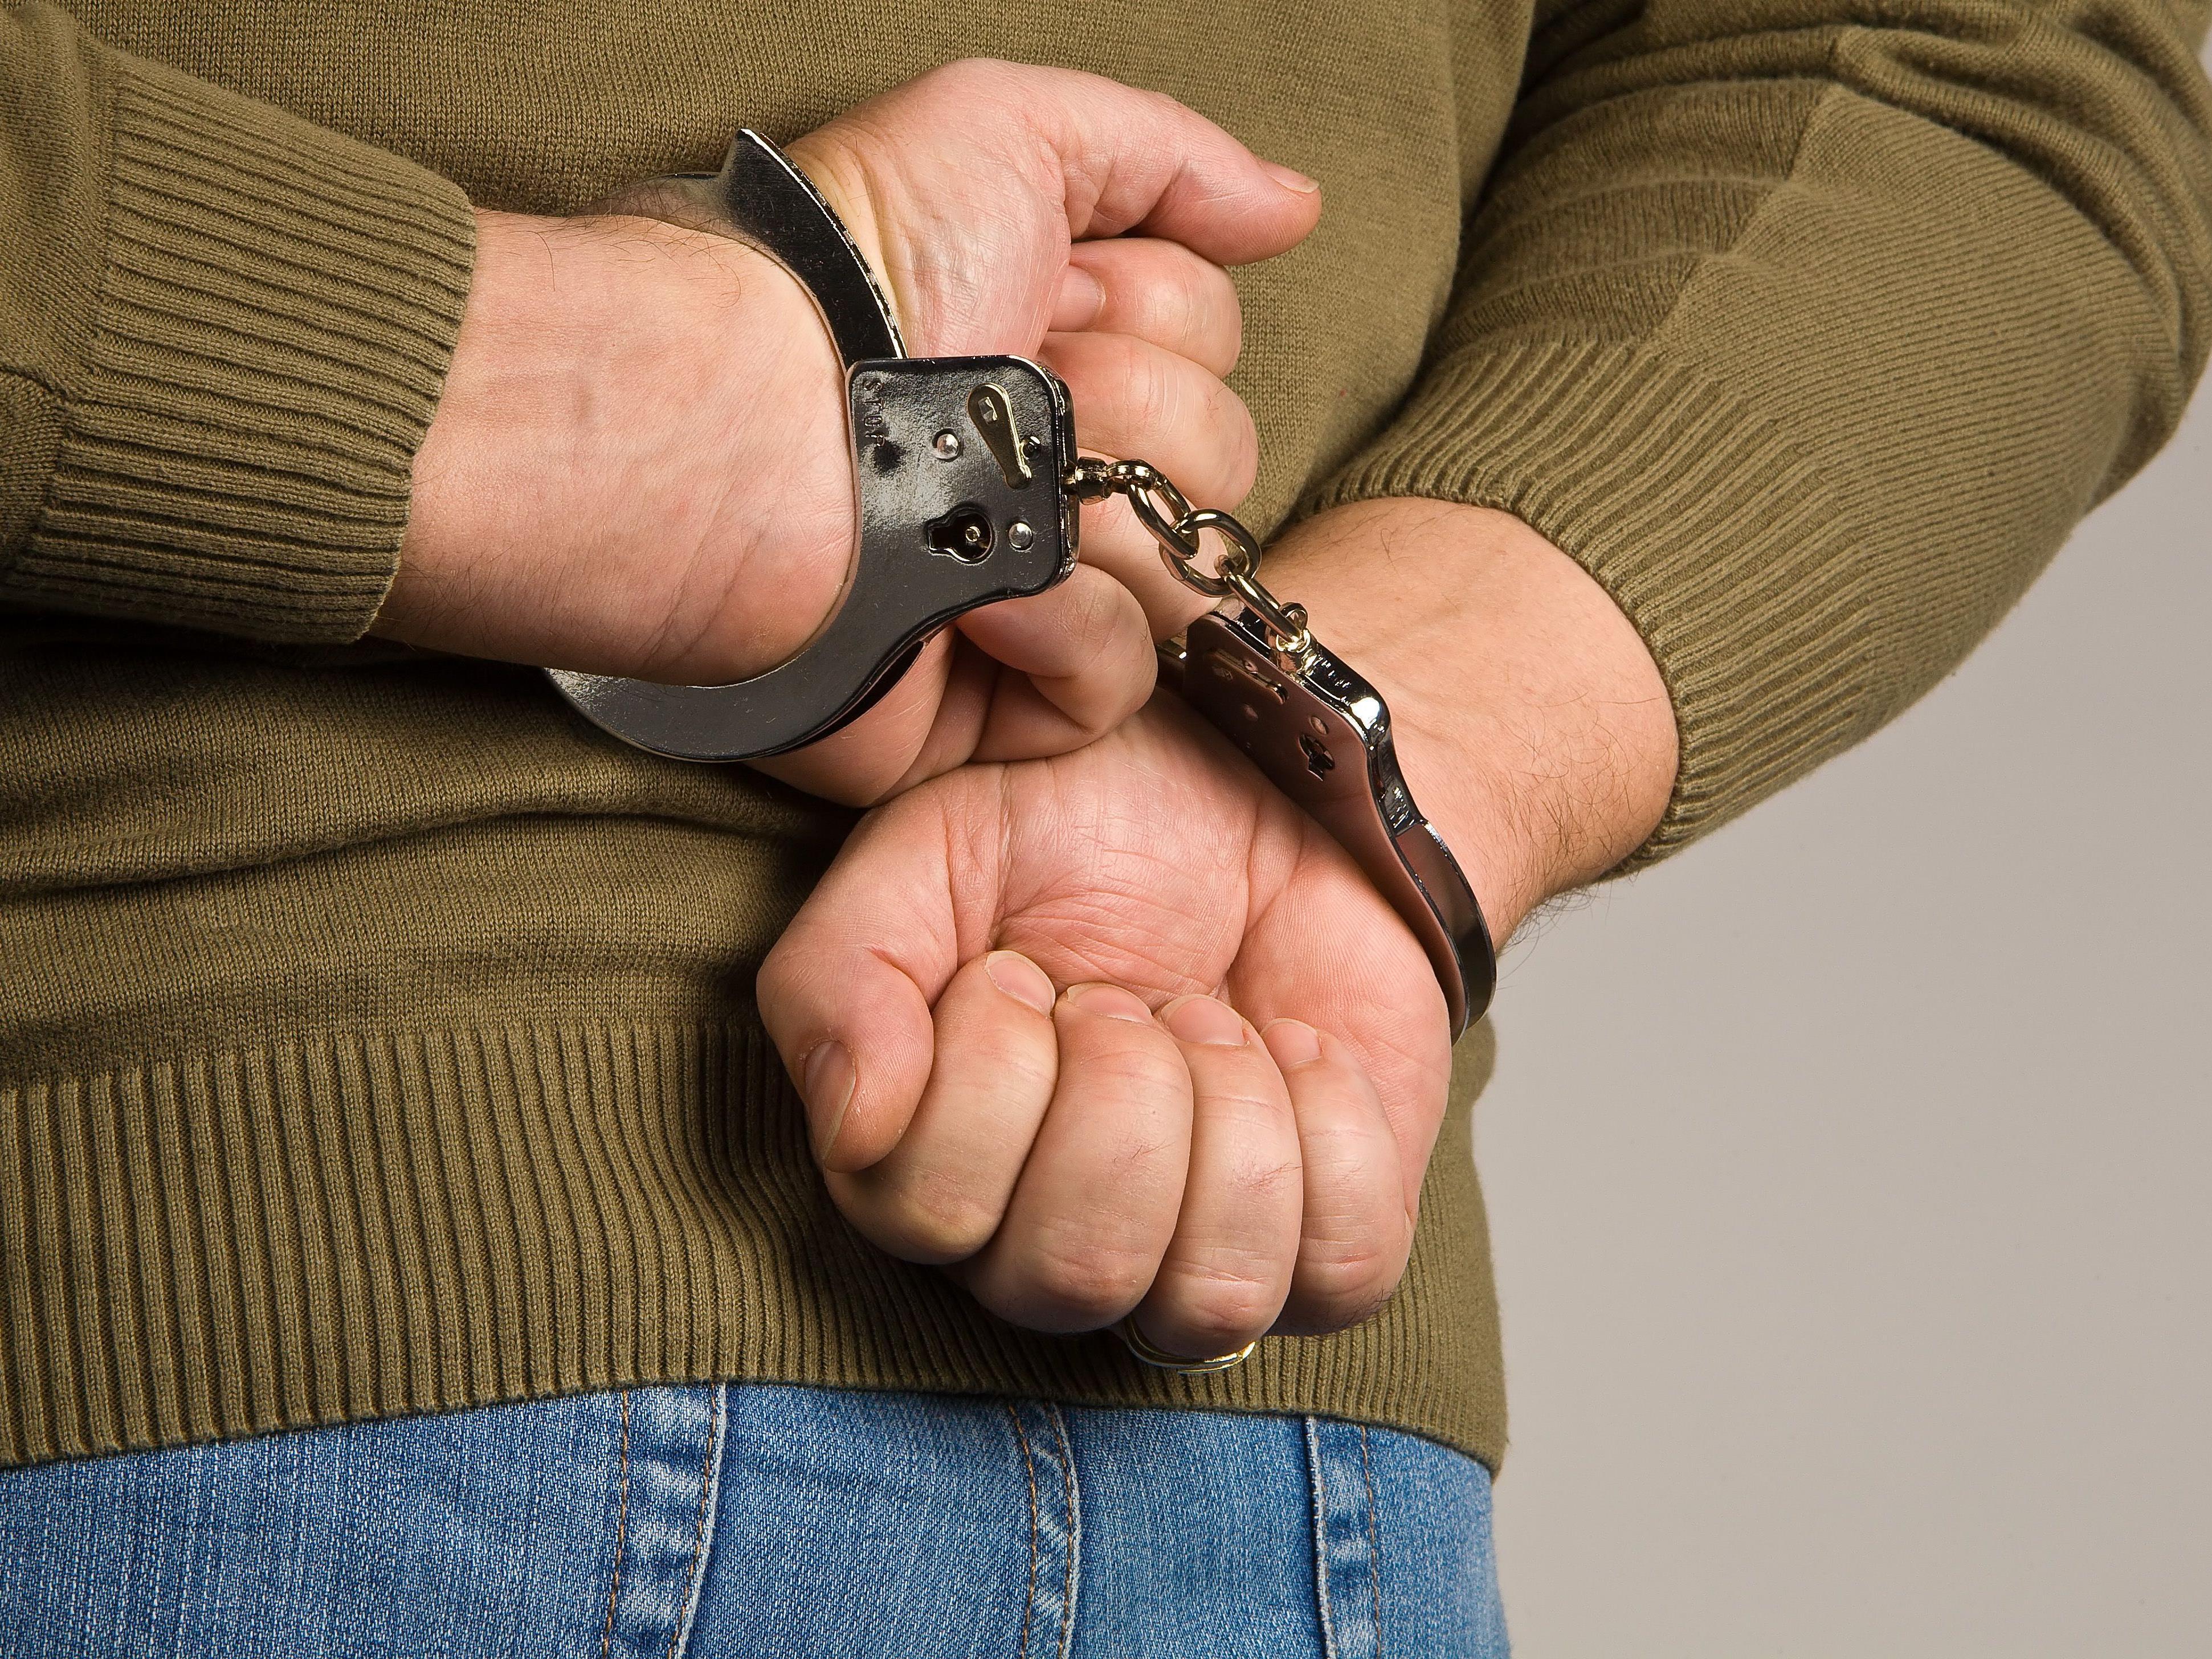 Einen Profidieb machte die Polizei im Baumarkt dingfest